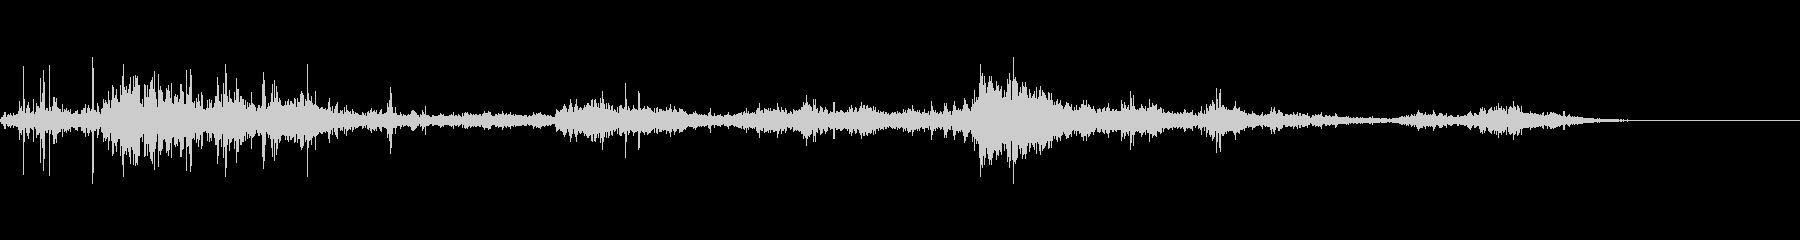 カミナリ(遠雷)-21の未再生の波形